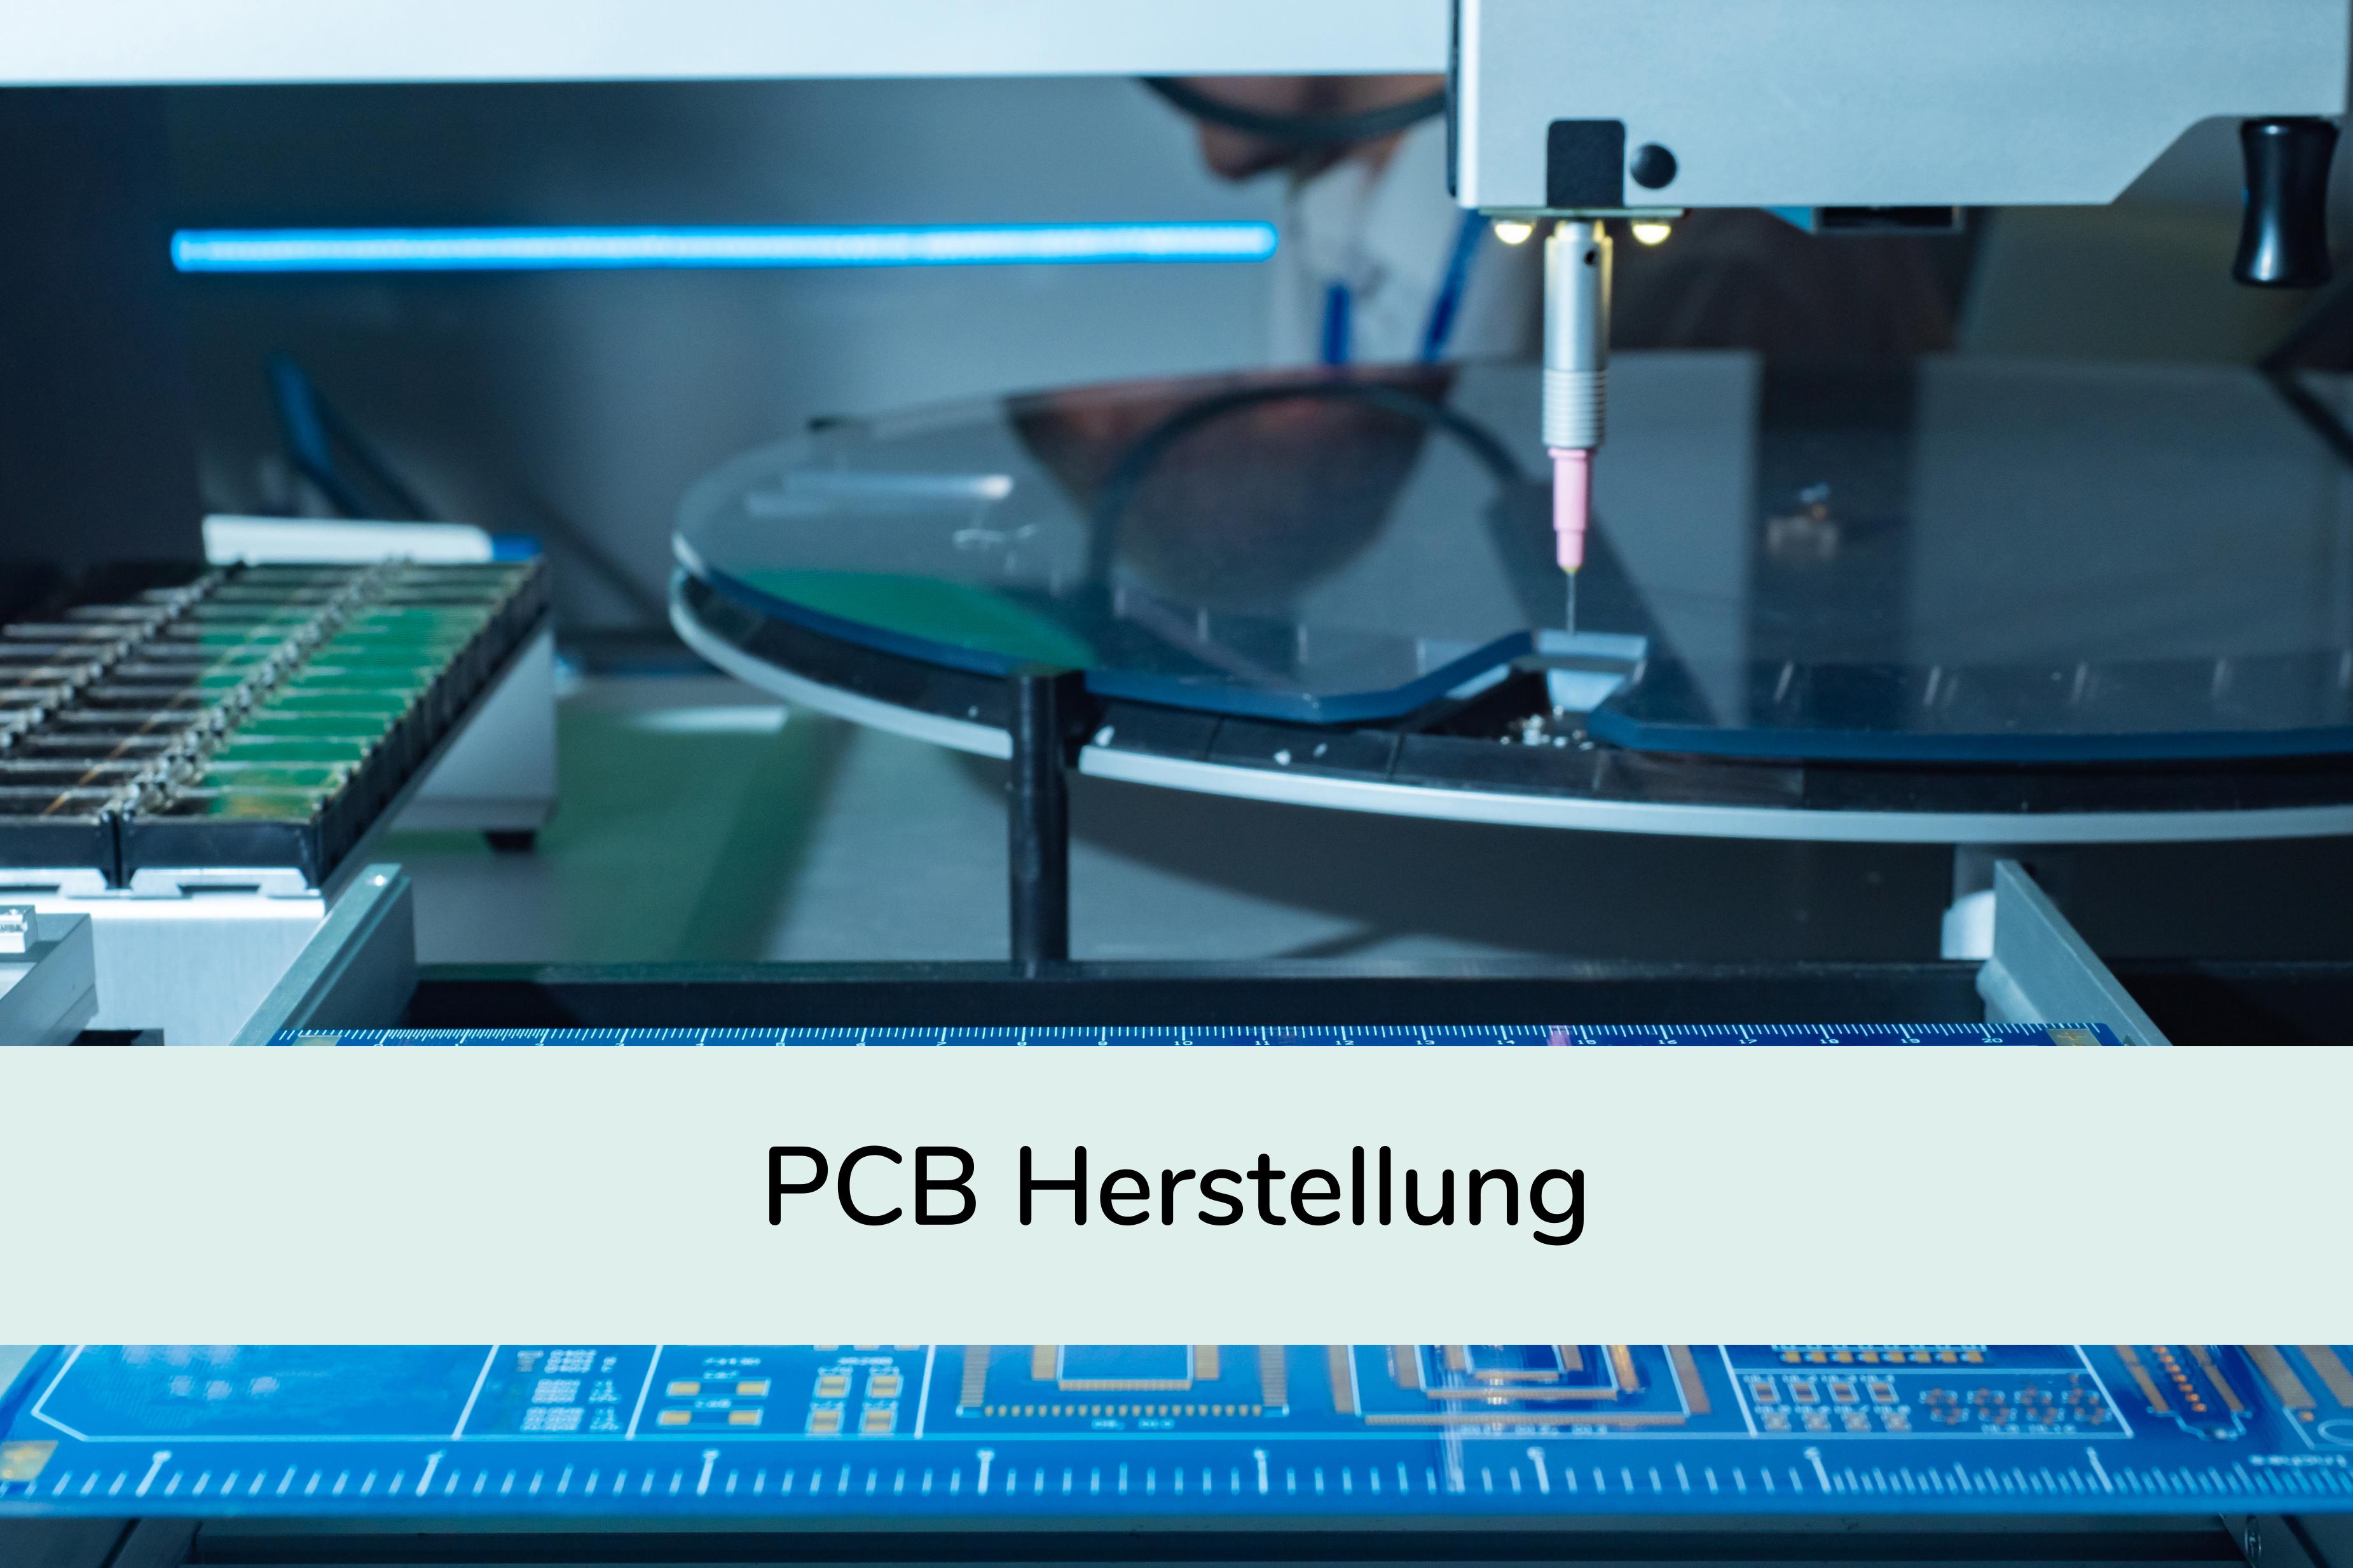 PCB Herstellung